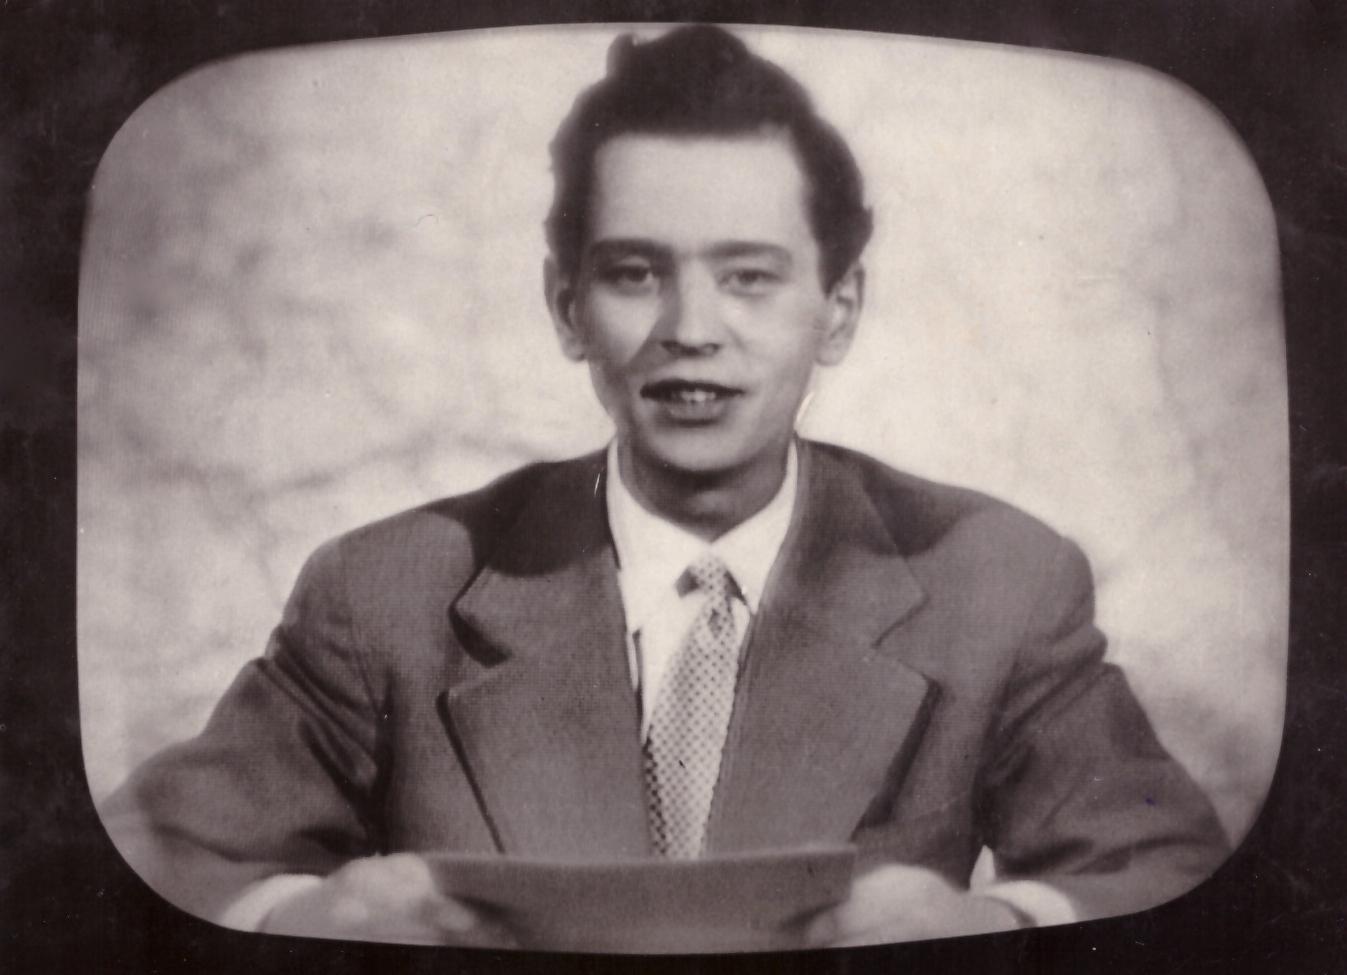 Od hlásenia televíznych správ v päťdesiatych rokoch sa Karol Polák postupne prepracoval k milovanému športu. Snímka je z moderovania Televíznych novín ČST z roku 1958. (Foto: archív)